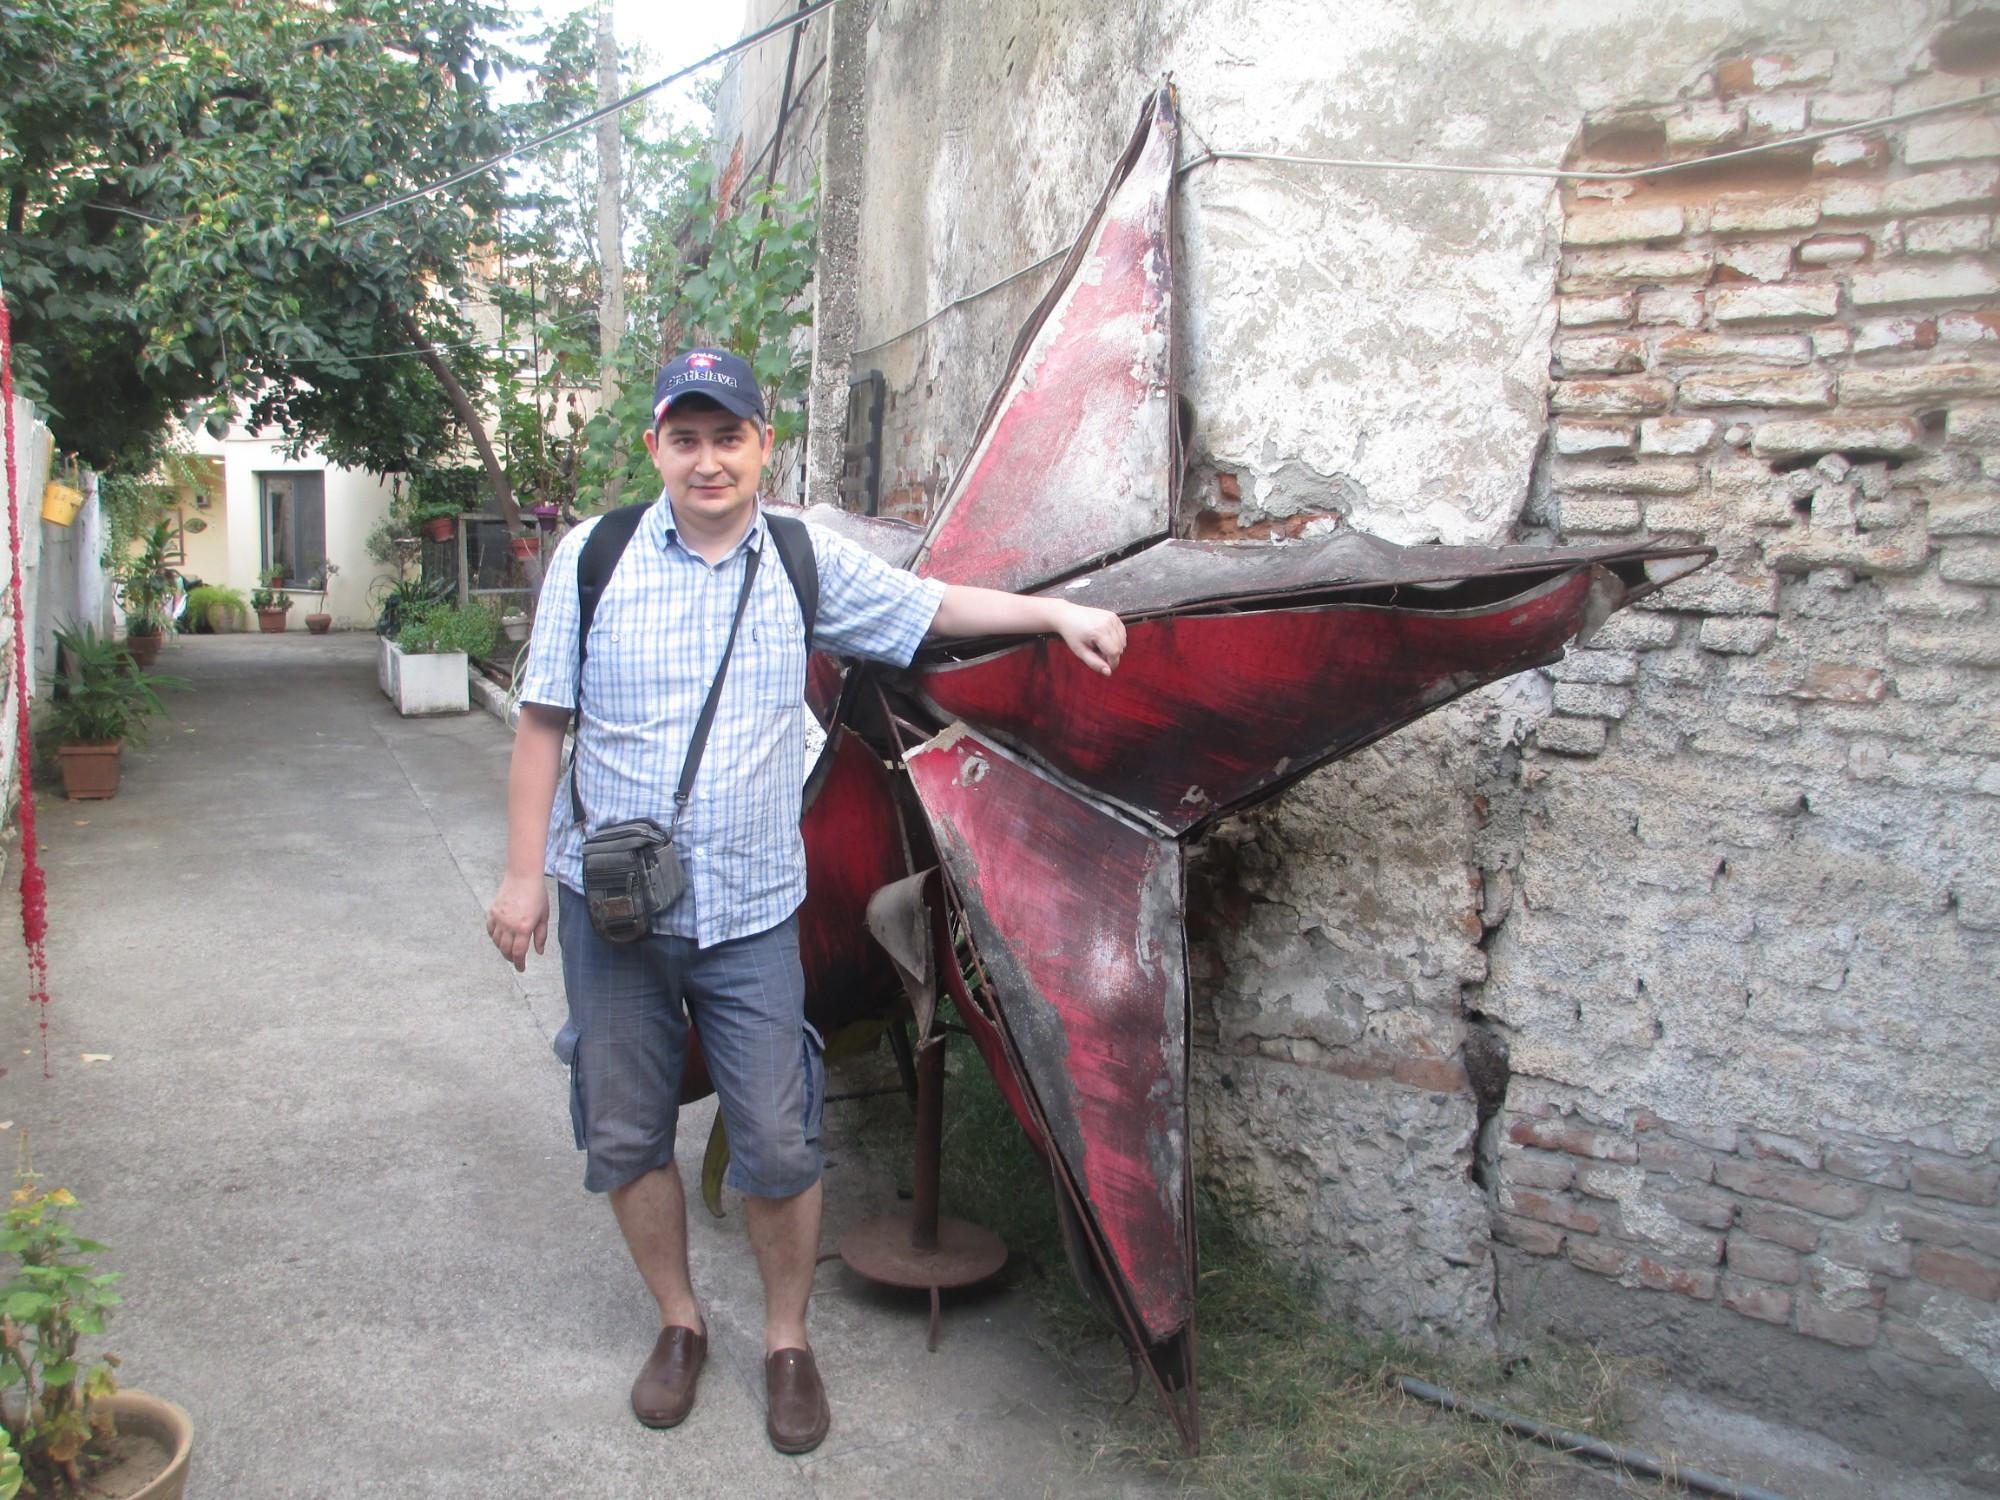 Тирана. Я и заброшенный символ коммунистического прошлого. (06.09.2015)